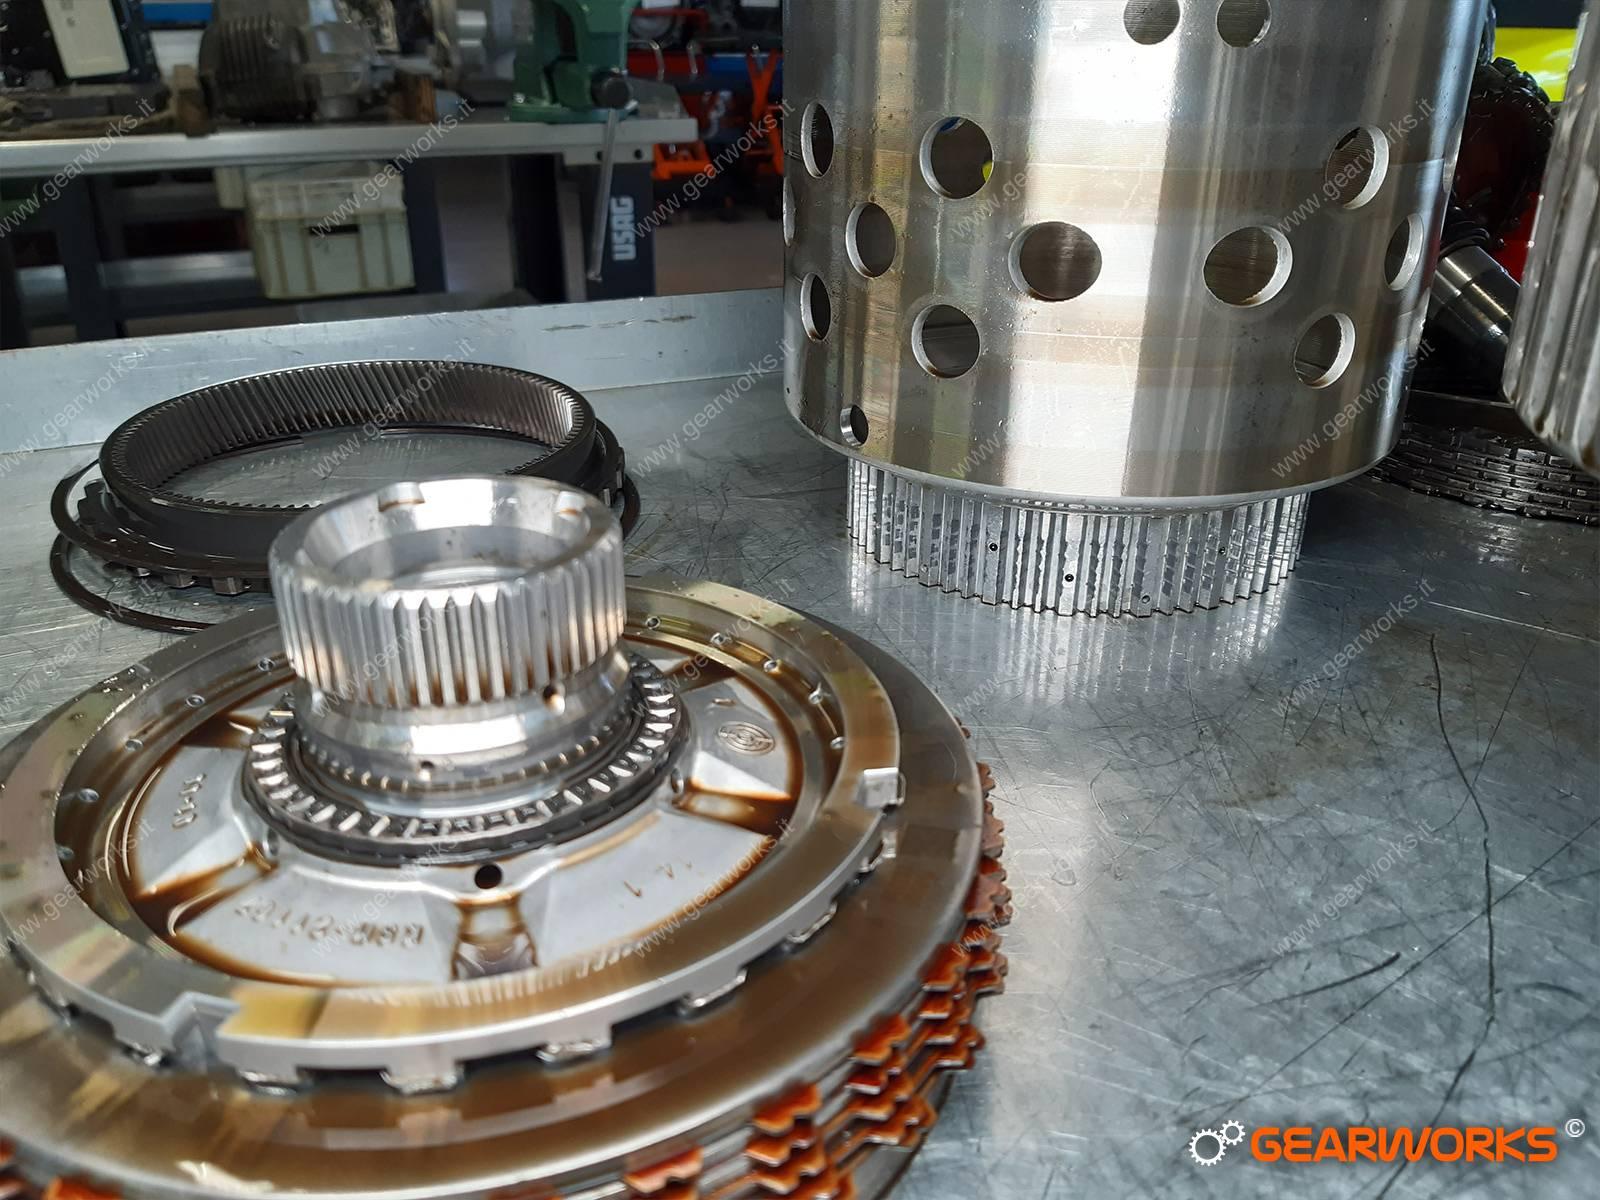 PROBLEMA CAMBIO AUTOMATICO TIPTRONIC, PROBLEMA CAMBIO 8HP65A, REVISIONE CAMBIO AUTOMATICO AUDI Q7, PROBLEMA CAMBIO PORSCHE CAYENNE, PROBLEMA CAMBIO AUDI Q7, PROBLEMA TIPTRONIC AUDI, REVISIONE CAMBIO AUTOMATICO Q7, CAMBIO AUTOMATICO ROTTO Q7, CAMBIO AUTOMATICO ROTTO PORSCHE CAYENNE, ERROR AUDI P2787, AUDI P2787, AUDI P2702, AUDI P0730, AUDI P07DD, AUDI P07DF, AUDI P0716, ERROR FRICTION C, PROBLEMA CAMBIO AUTOMATICO, BERGAMO, OFFICINA SPECIALIZZATA, GARANZIA